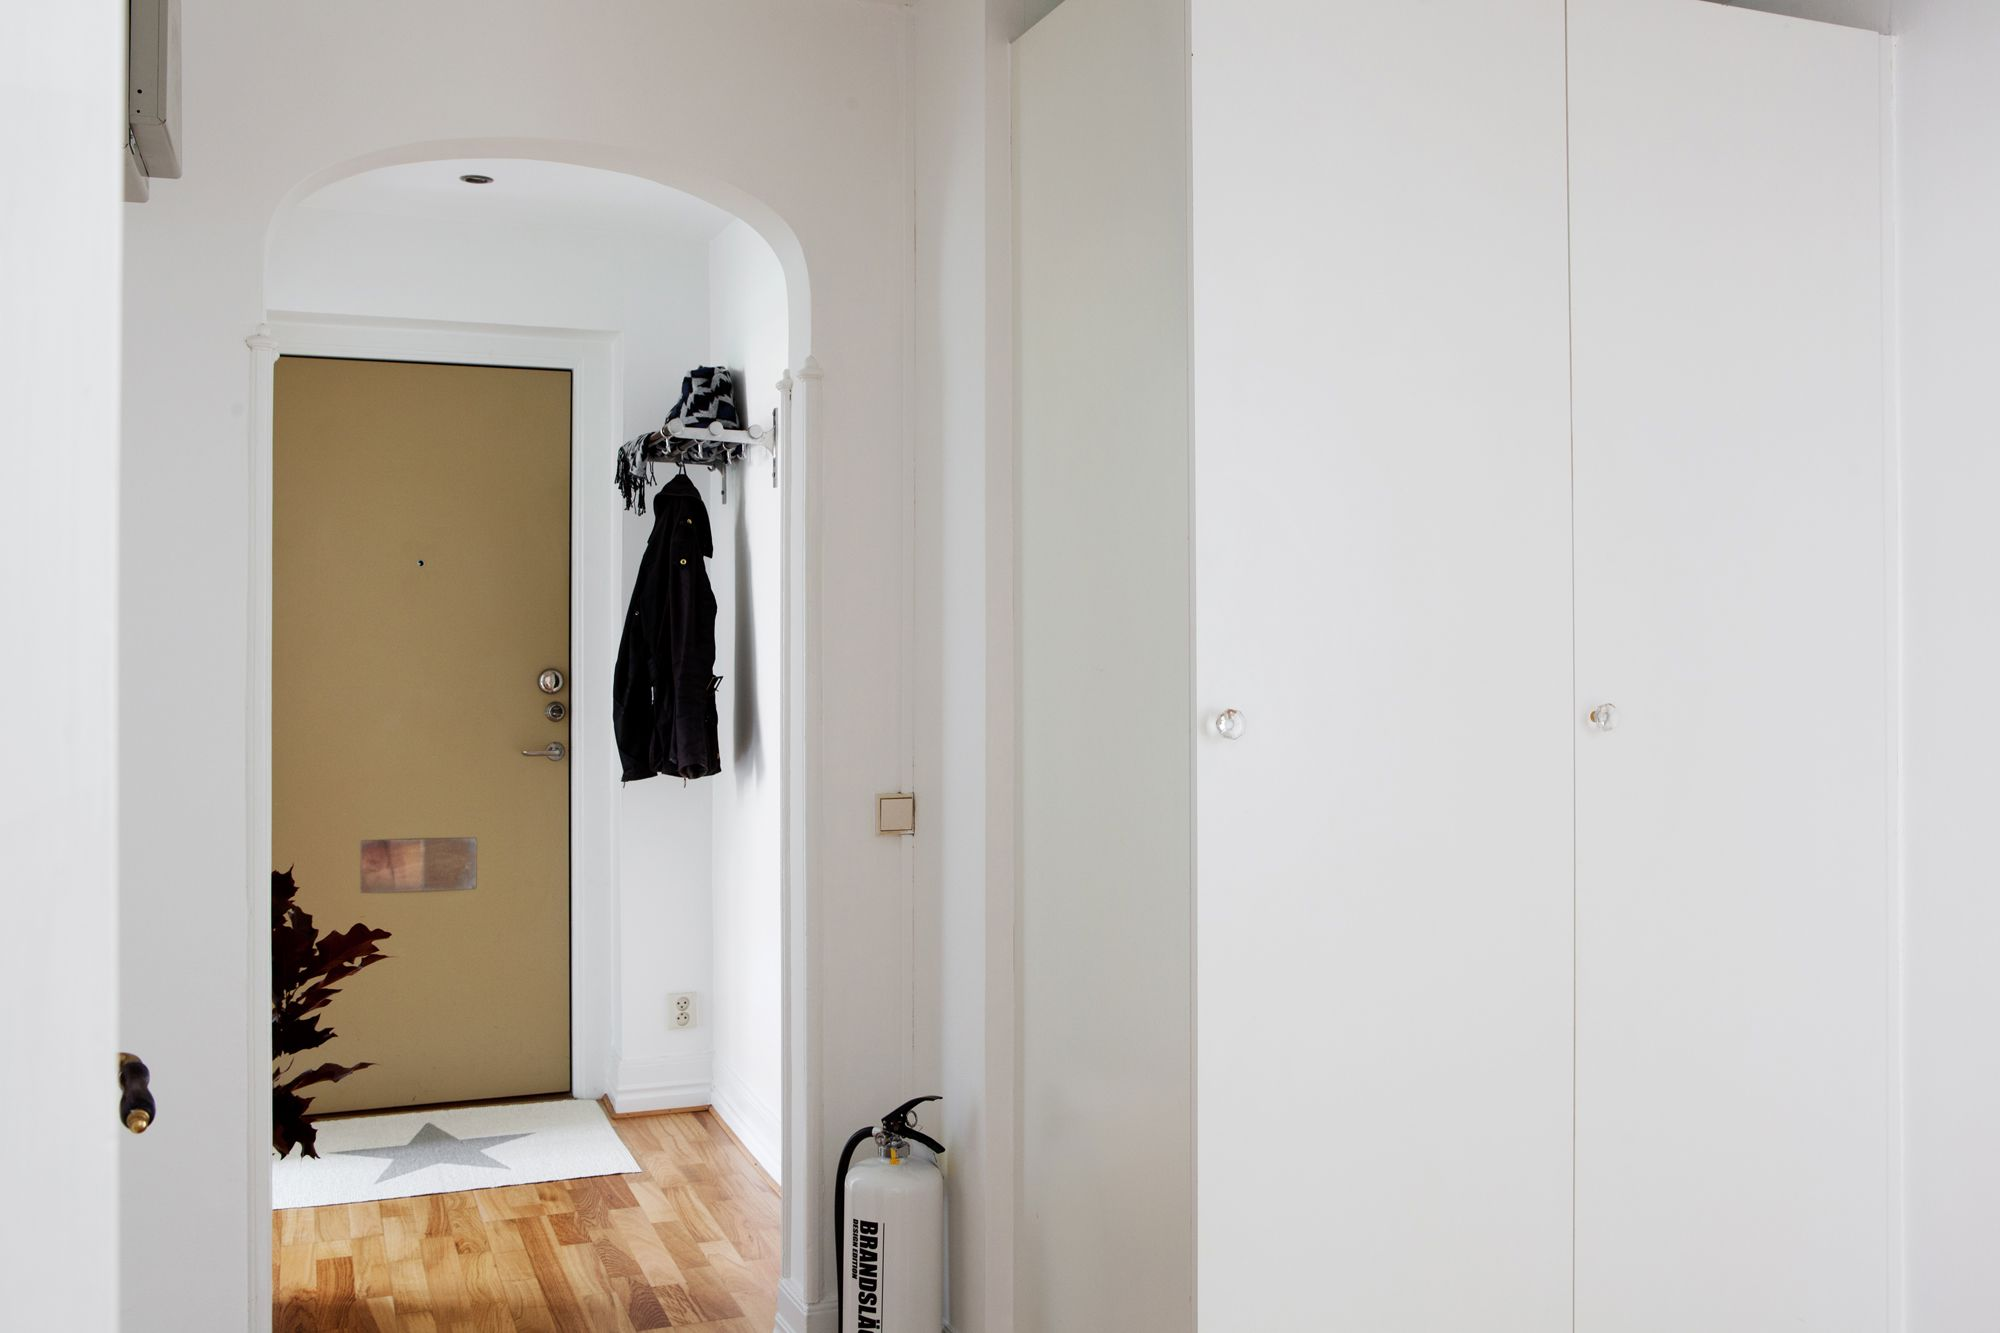 paredes grises muebles blancos suelo de madera interiores pisos pequeos nrdicos inspiracin saln ikea estilo nrdico